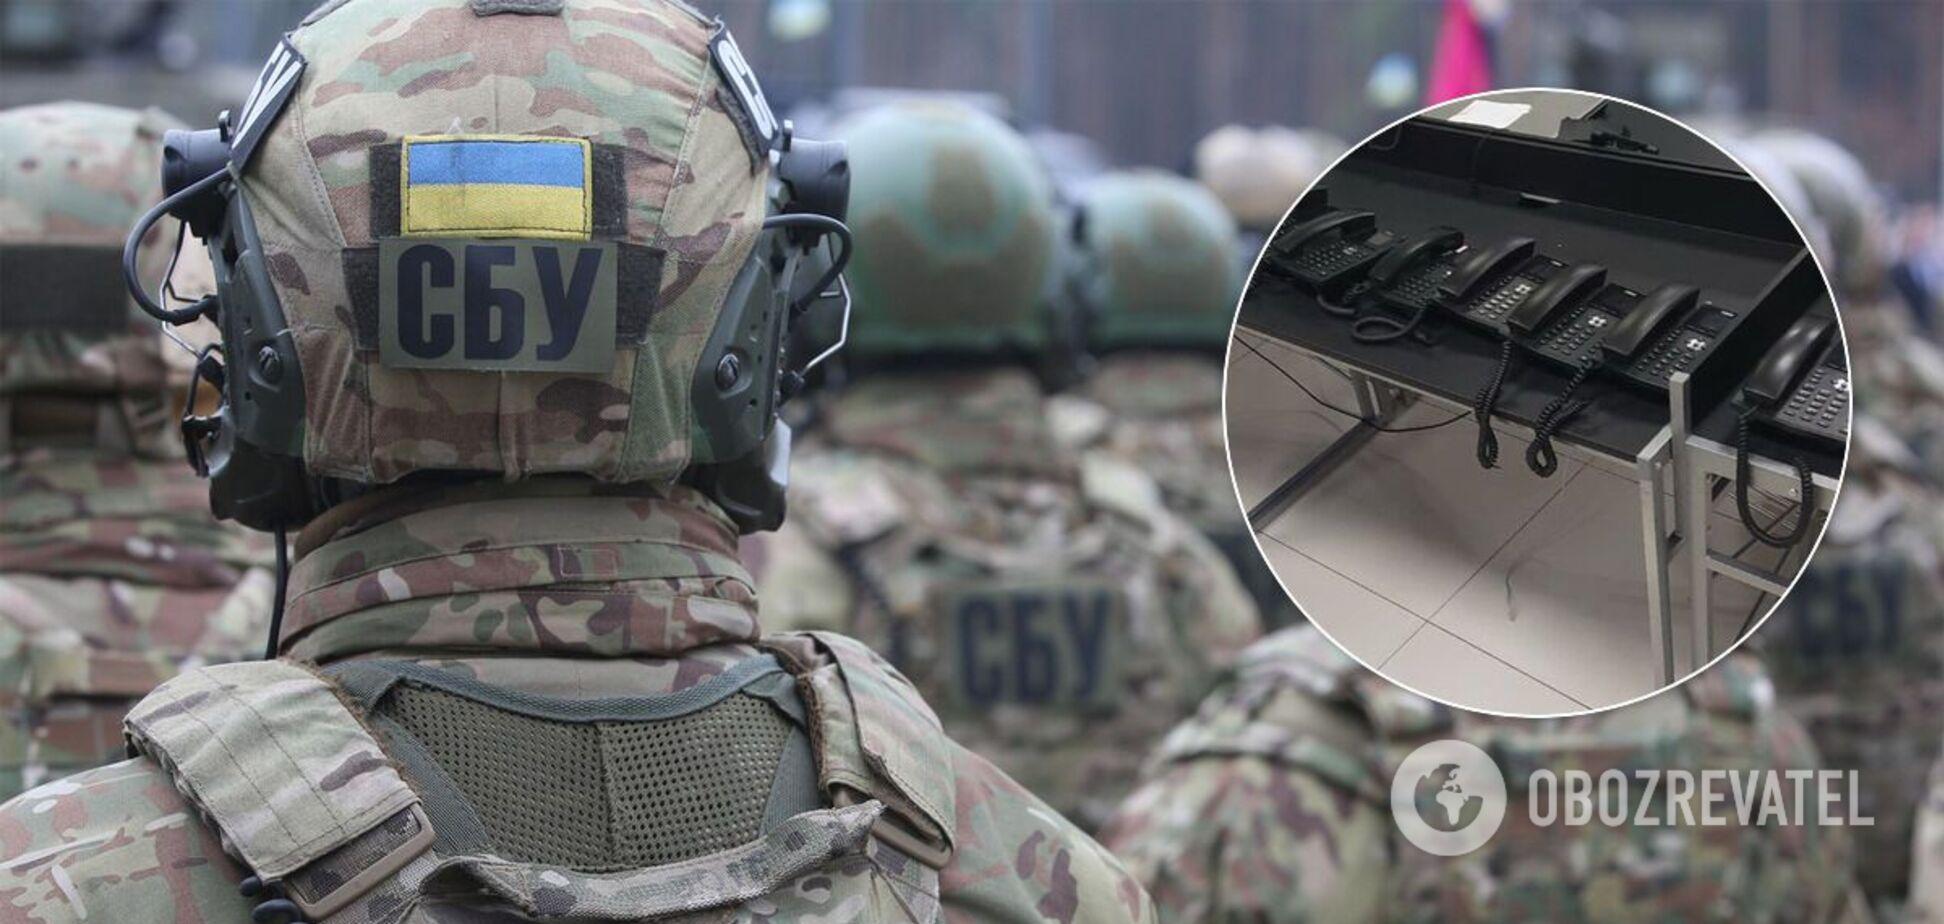 В Одессе СБУ накрыла call-центры, которые работали на компании из РФ, финансирующие 'Л/ДНР'. Фото